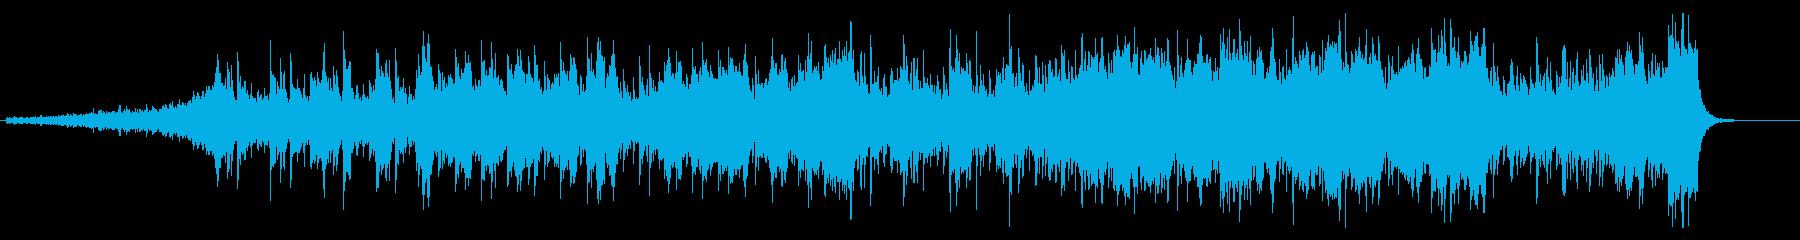 金管が活躍するエピックミュージックの再生済みの波形